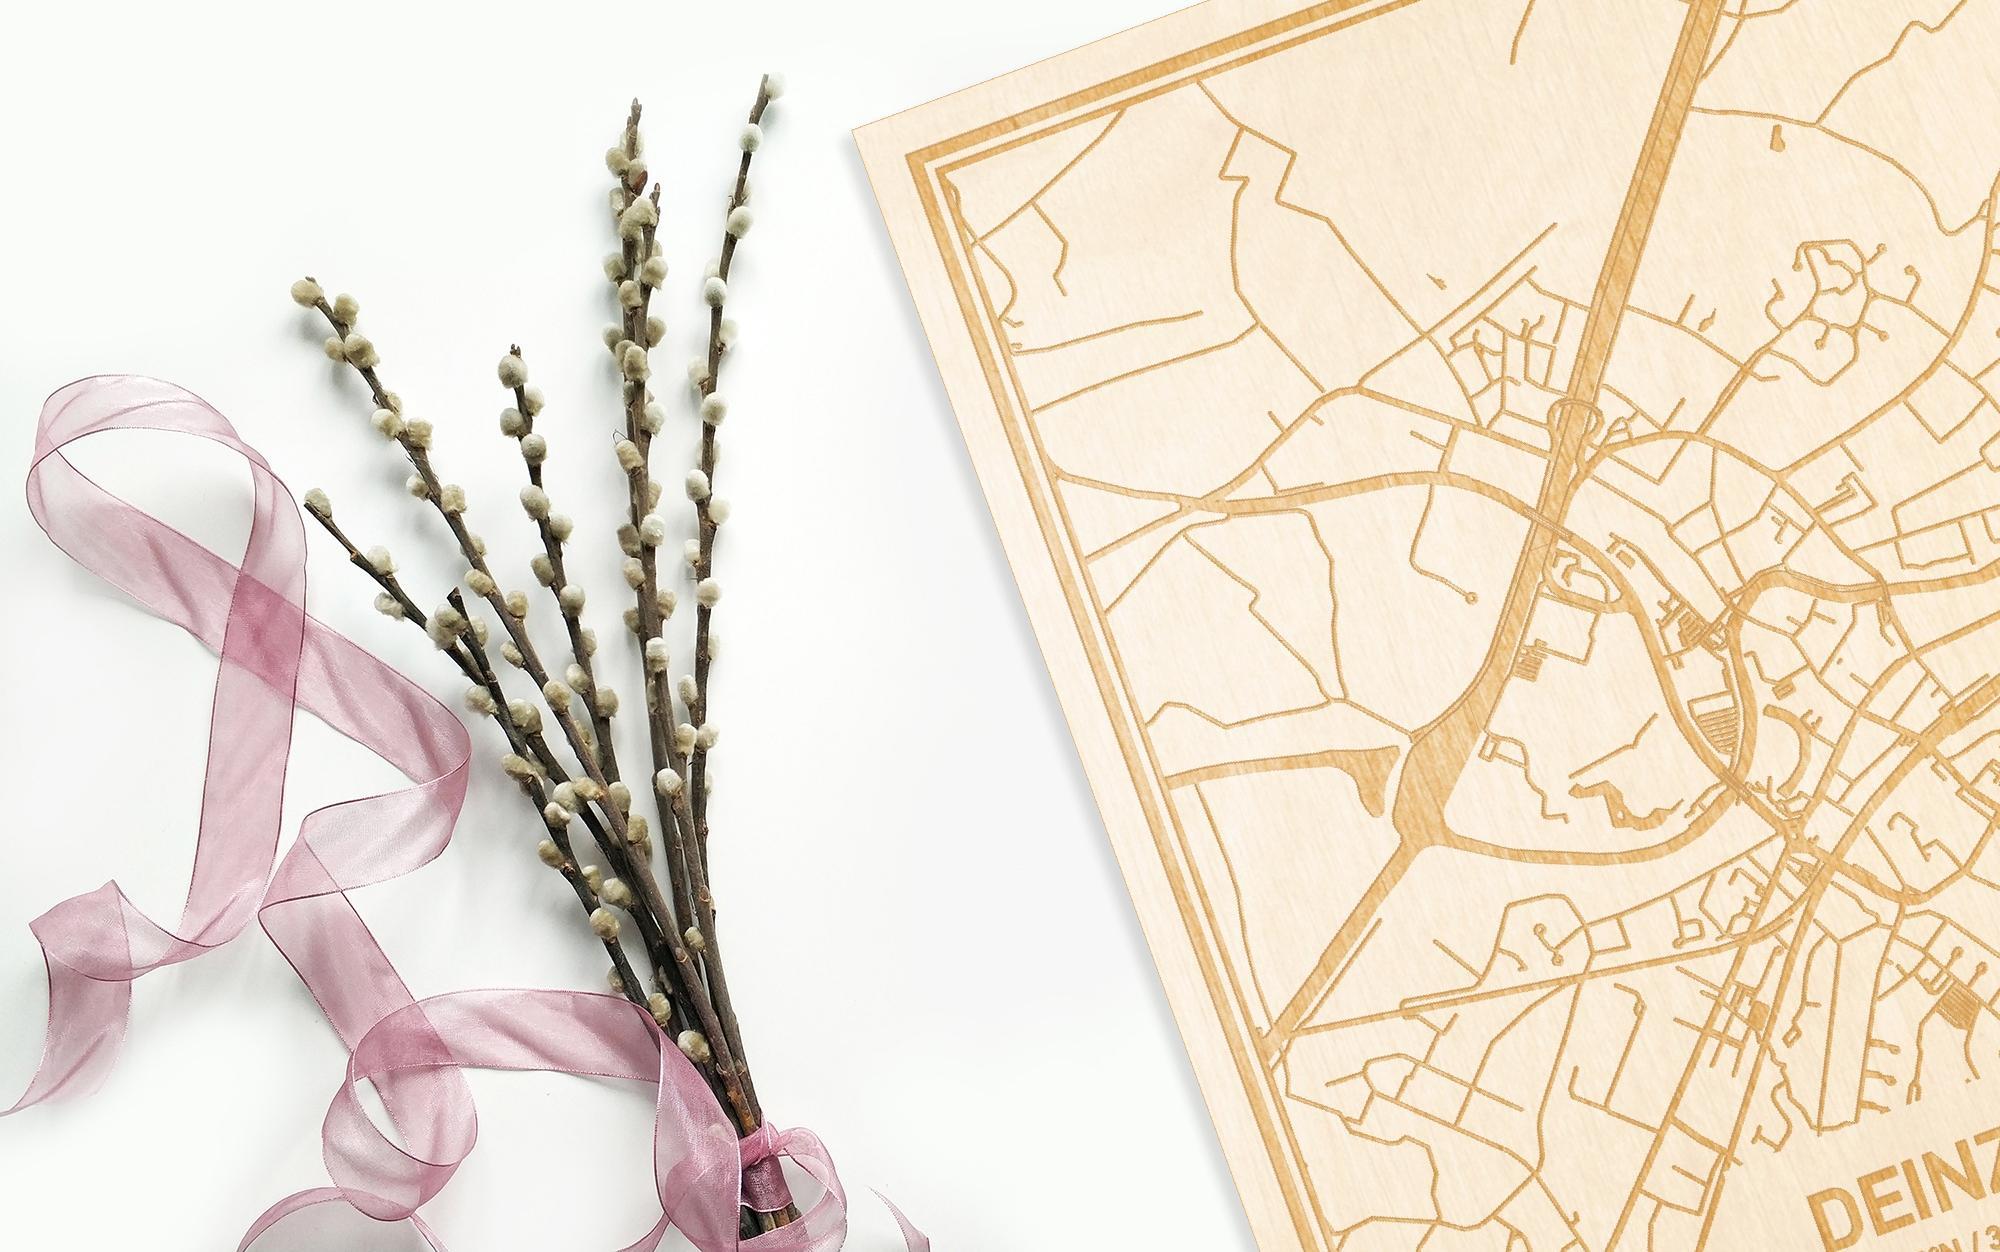 Hier ligt de houten plattegrond Deinze naast een bloemetje als gepersonaliseerd cadeau voor haar.